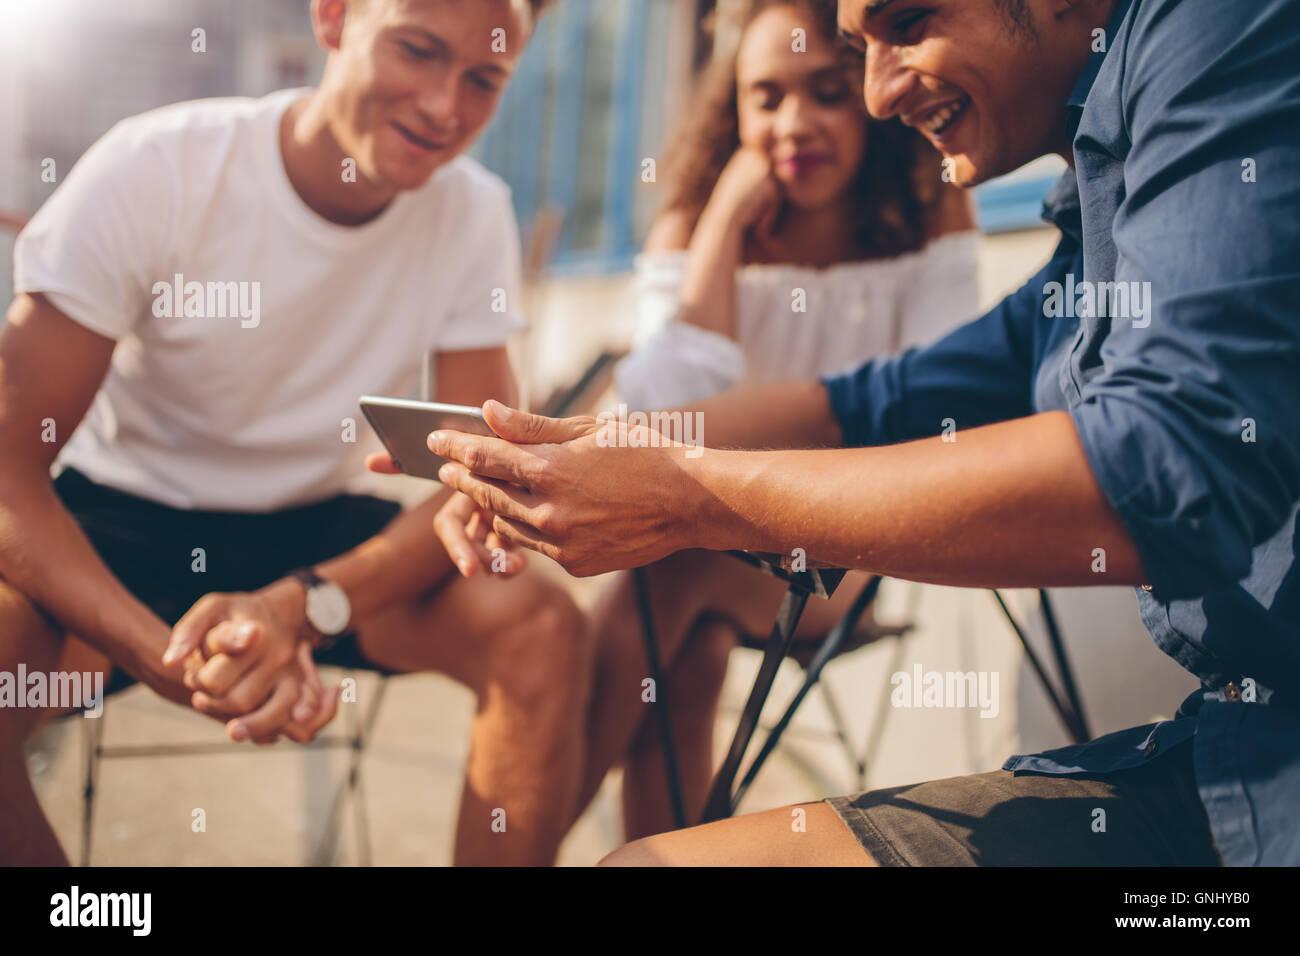 Los jóvenes sentados al aire libre y mirando al teléfono móvil. Un grupo de amigos, sentado en la Imagen De Stock